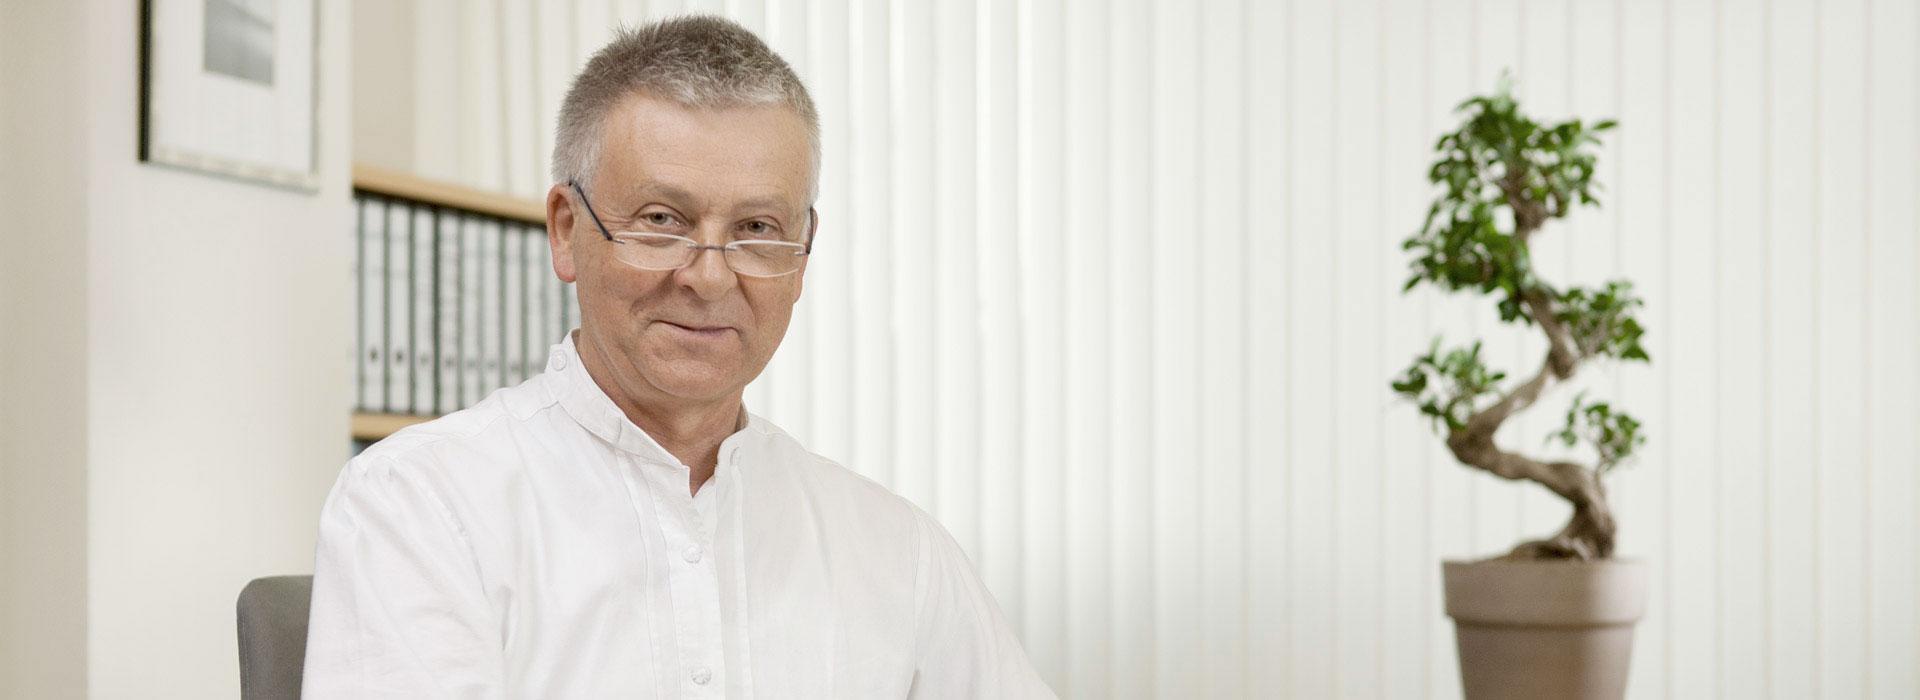 Dr. med. Rupert Lebmeier, Facharzt für Allgemeinmedizin